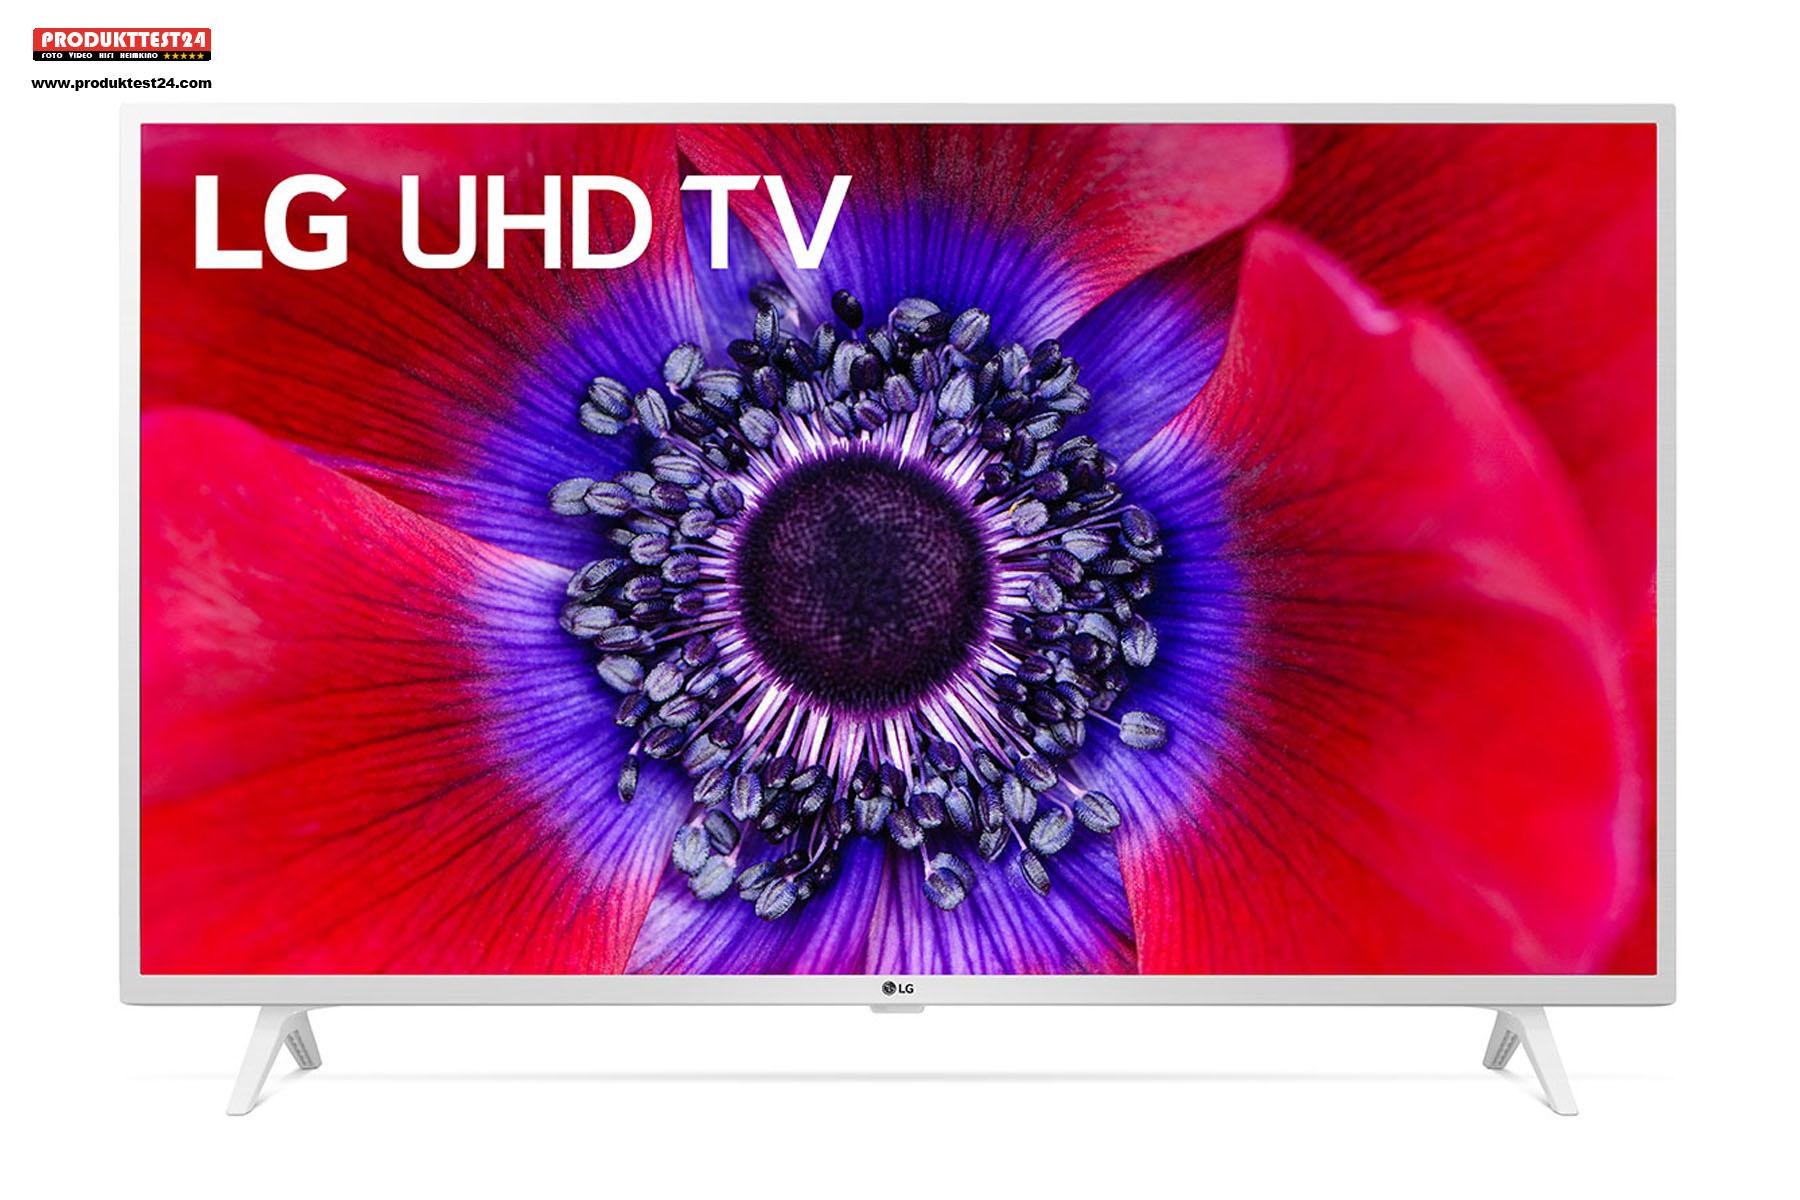 Echte 4K Ultra HD Auflösung mit HDR10